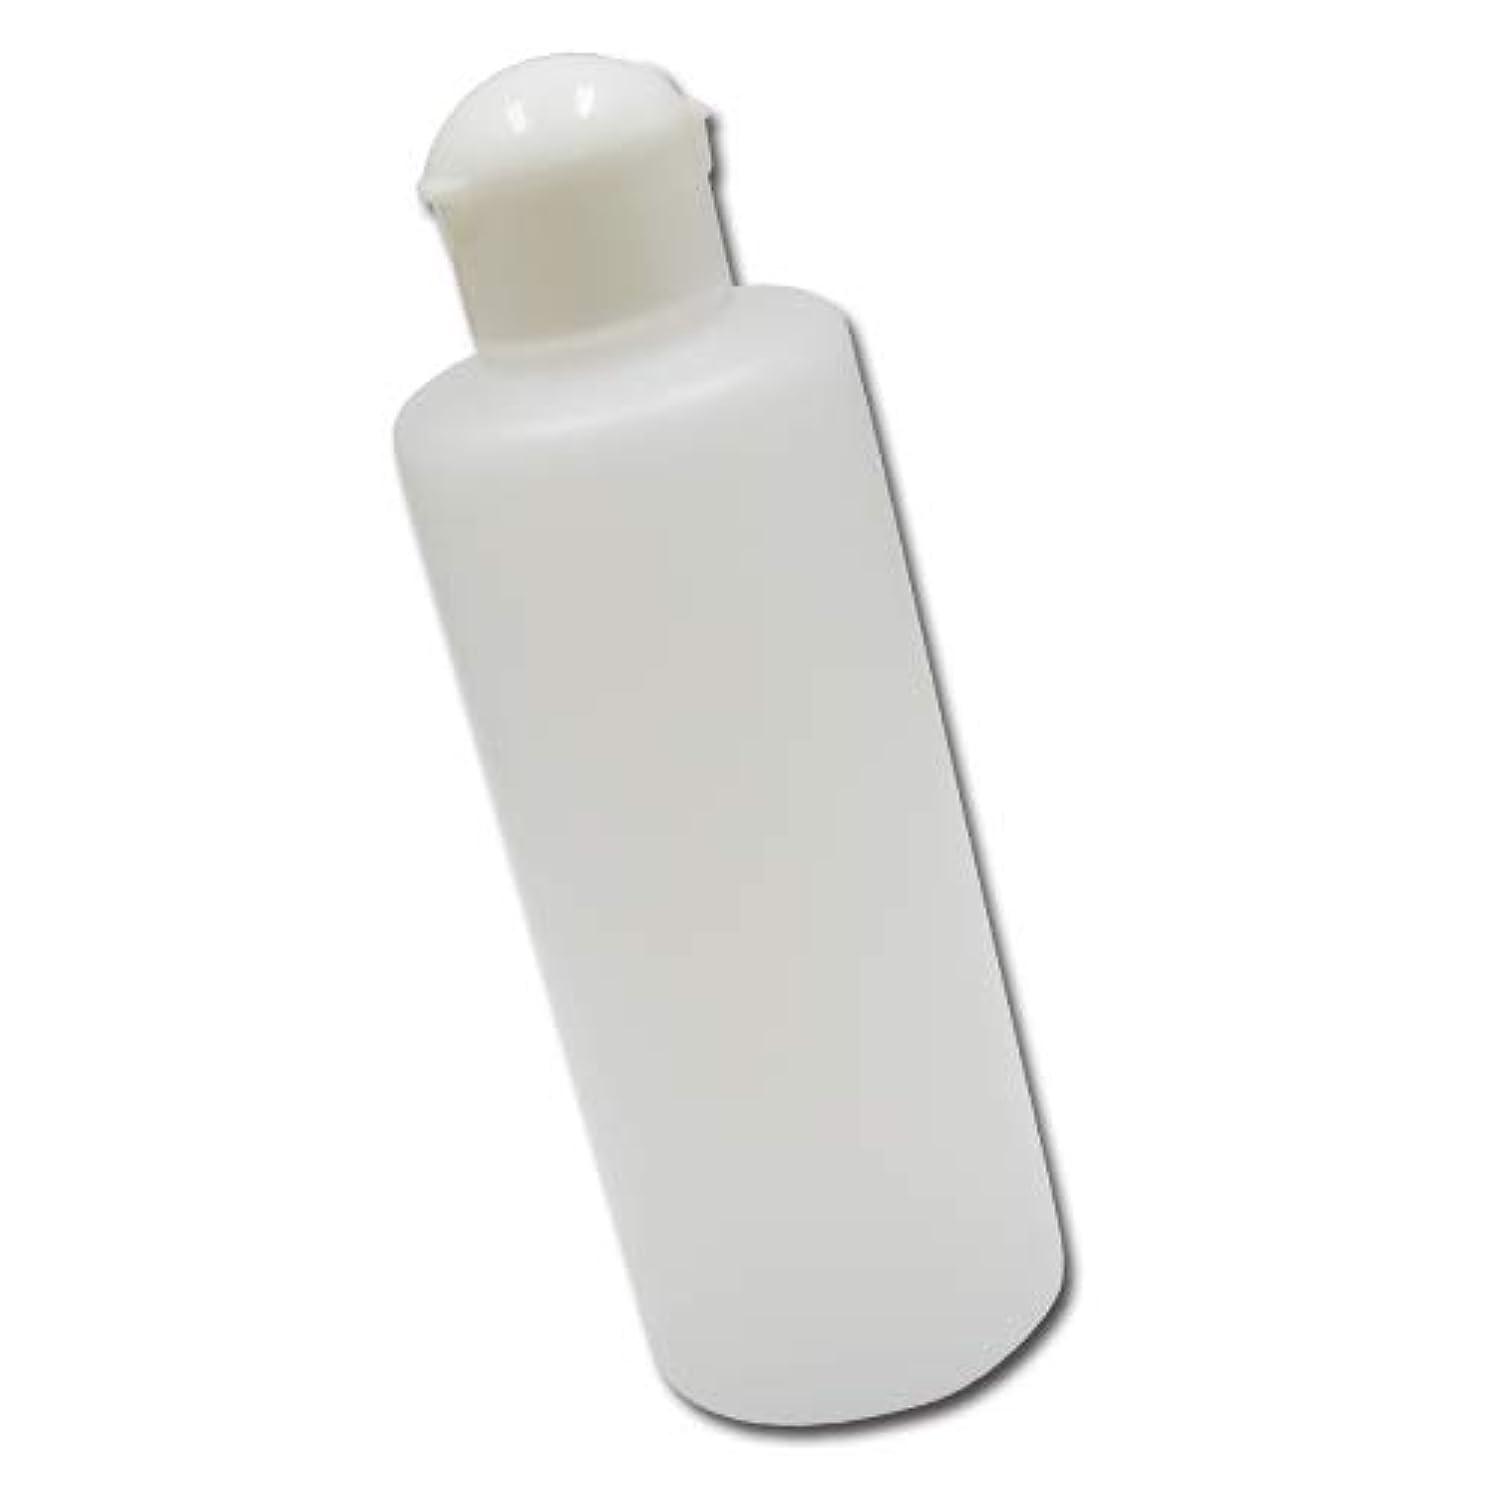 暗殺するスプリット差別化する詰め替え容器ワンタッチキャップ200ml (半透明)│業務用ローションやうがい薬、液体石鹸、調味料、化粧品などの小分けに便利なボトル